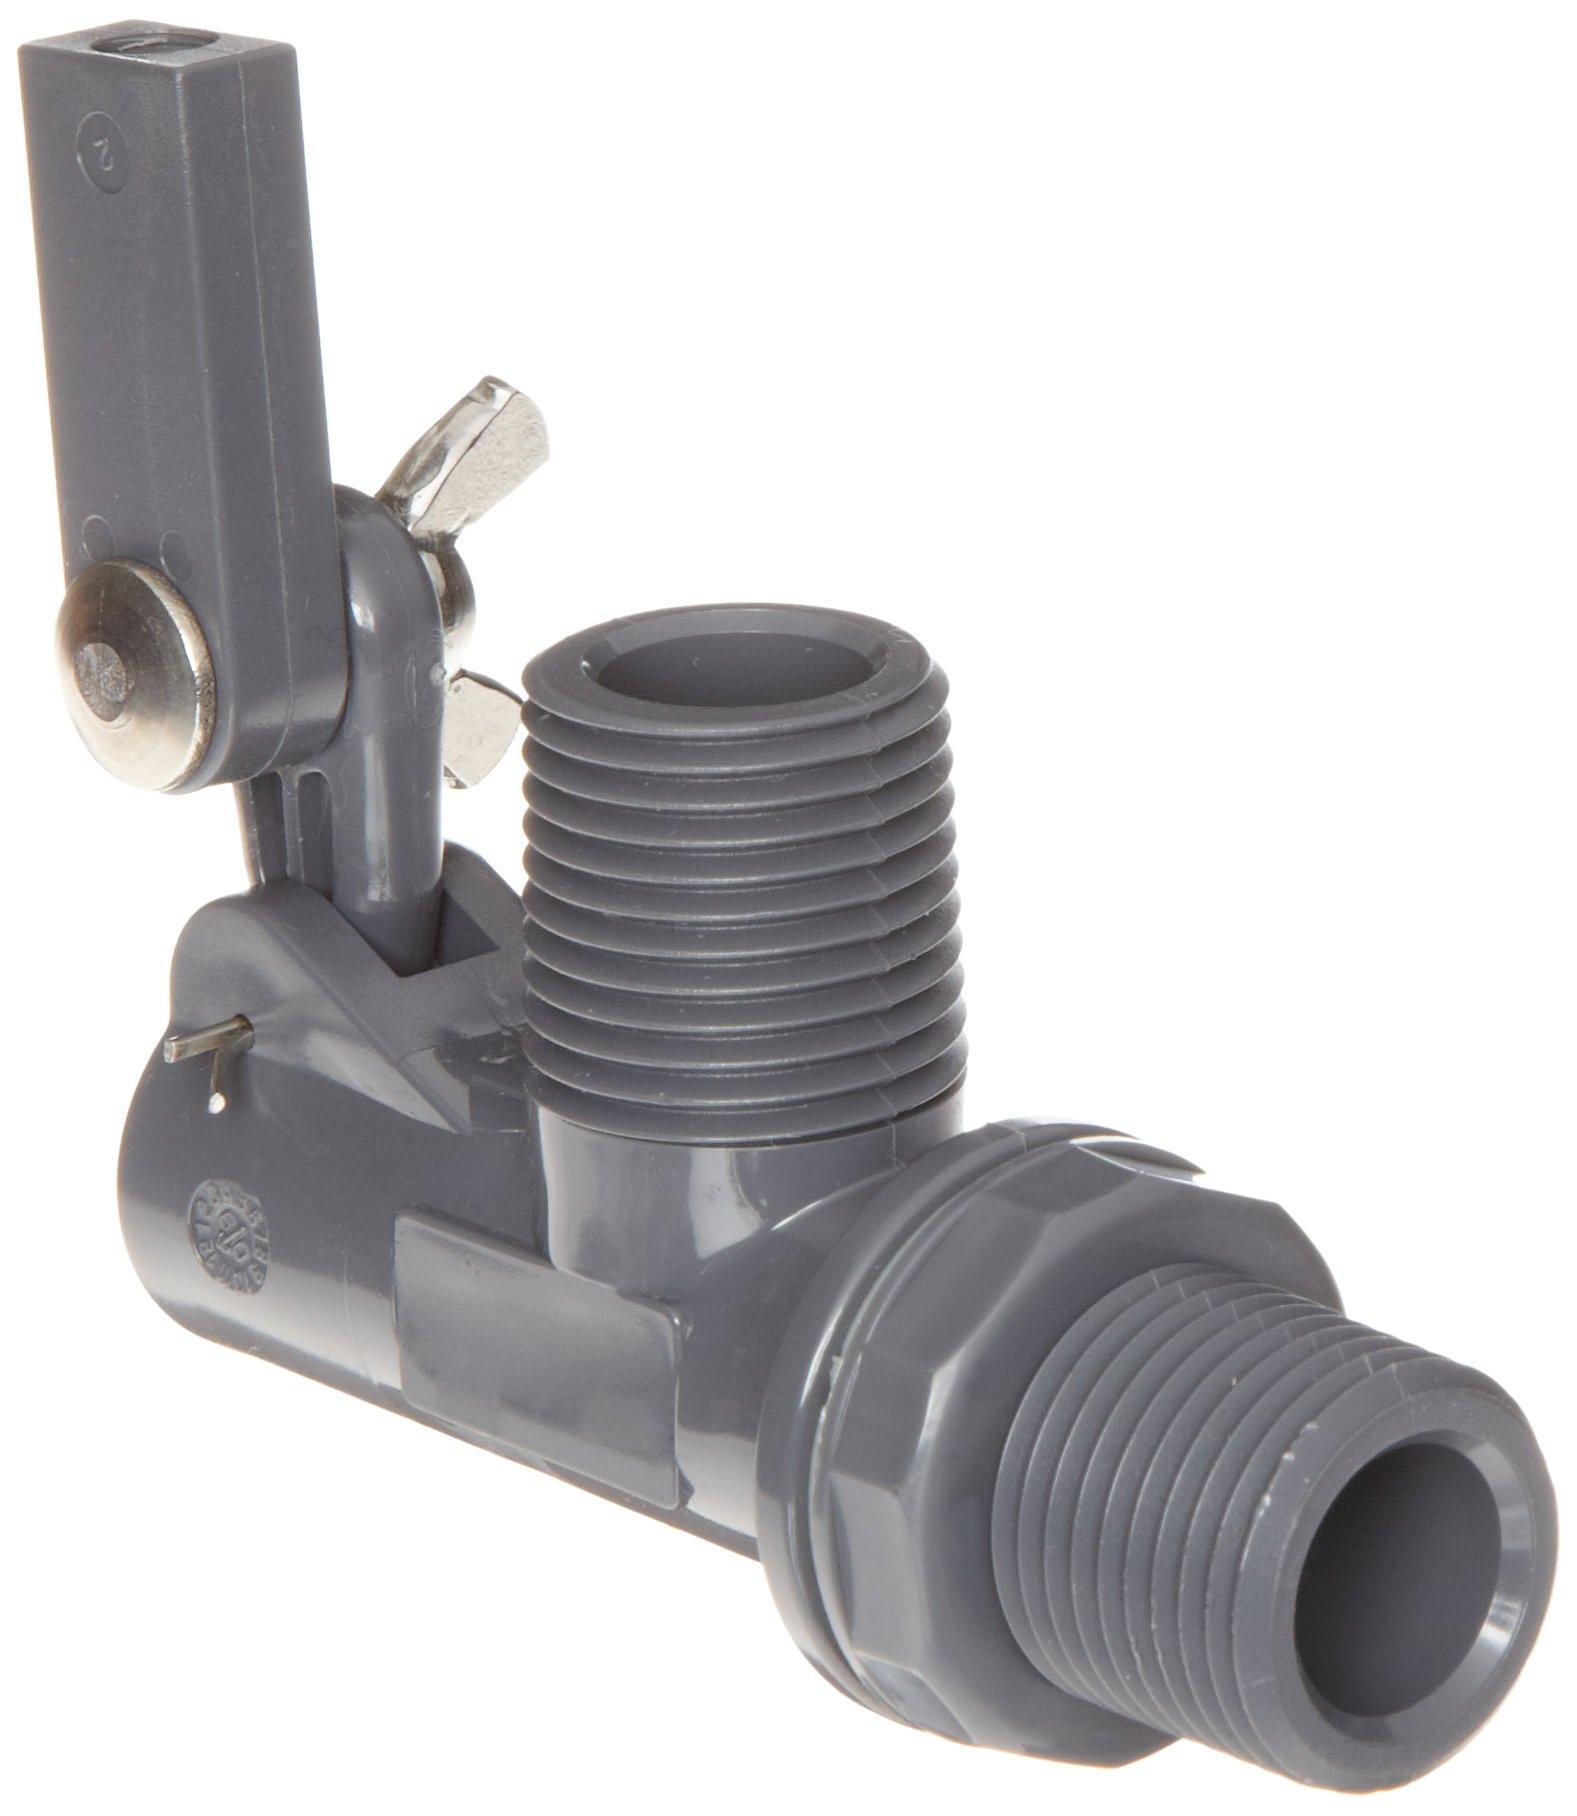 Kerick Valve PT050525 PVC Float Valve, Tank Mount, 12.5 gpm at 60 psi, 1/2'' NPT Male